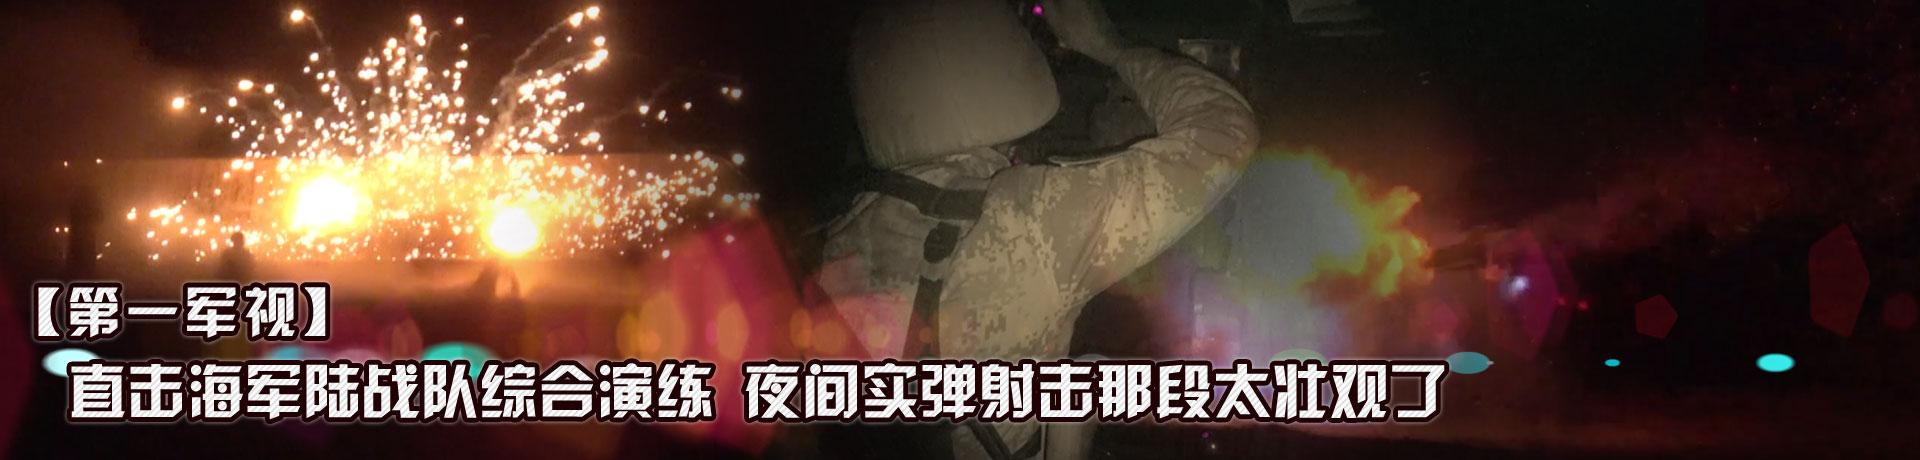 【第一军视】直击海军陆战队综合演练 夜间实弹射击那段太壮观了